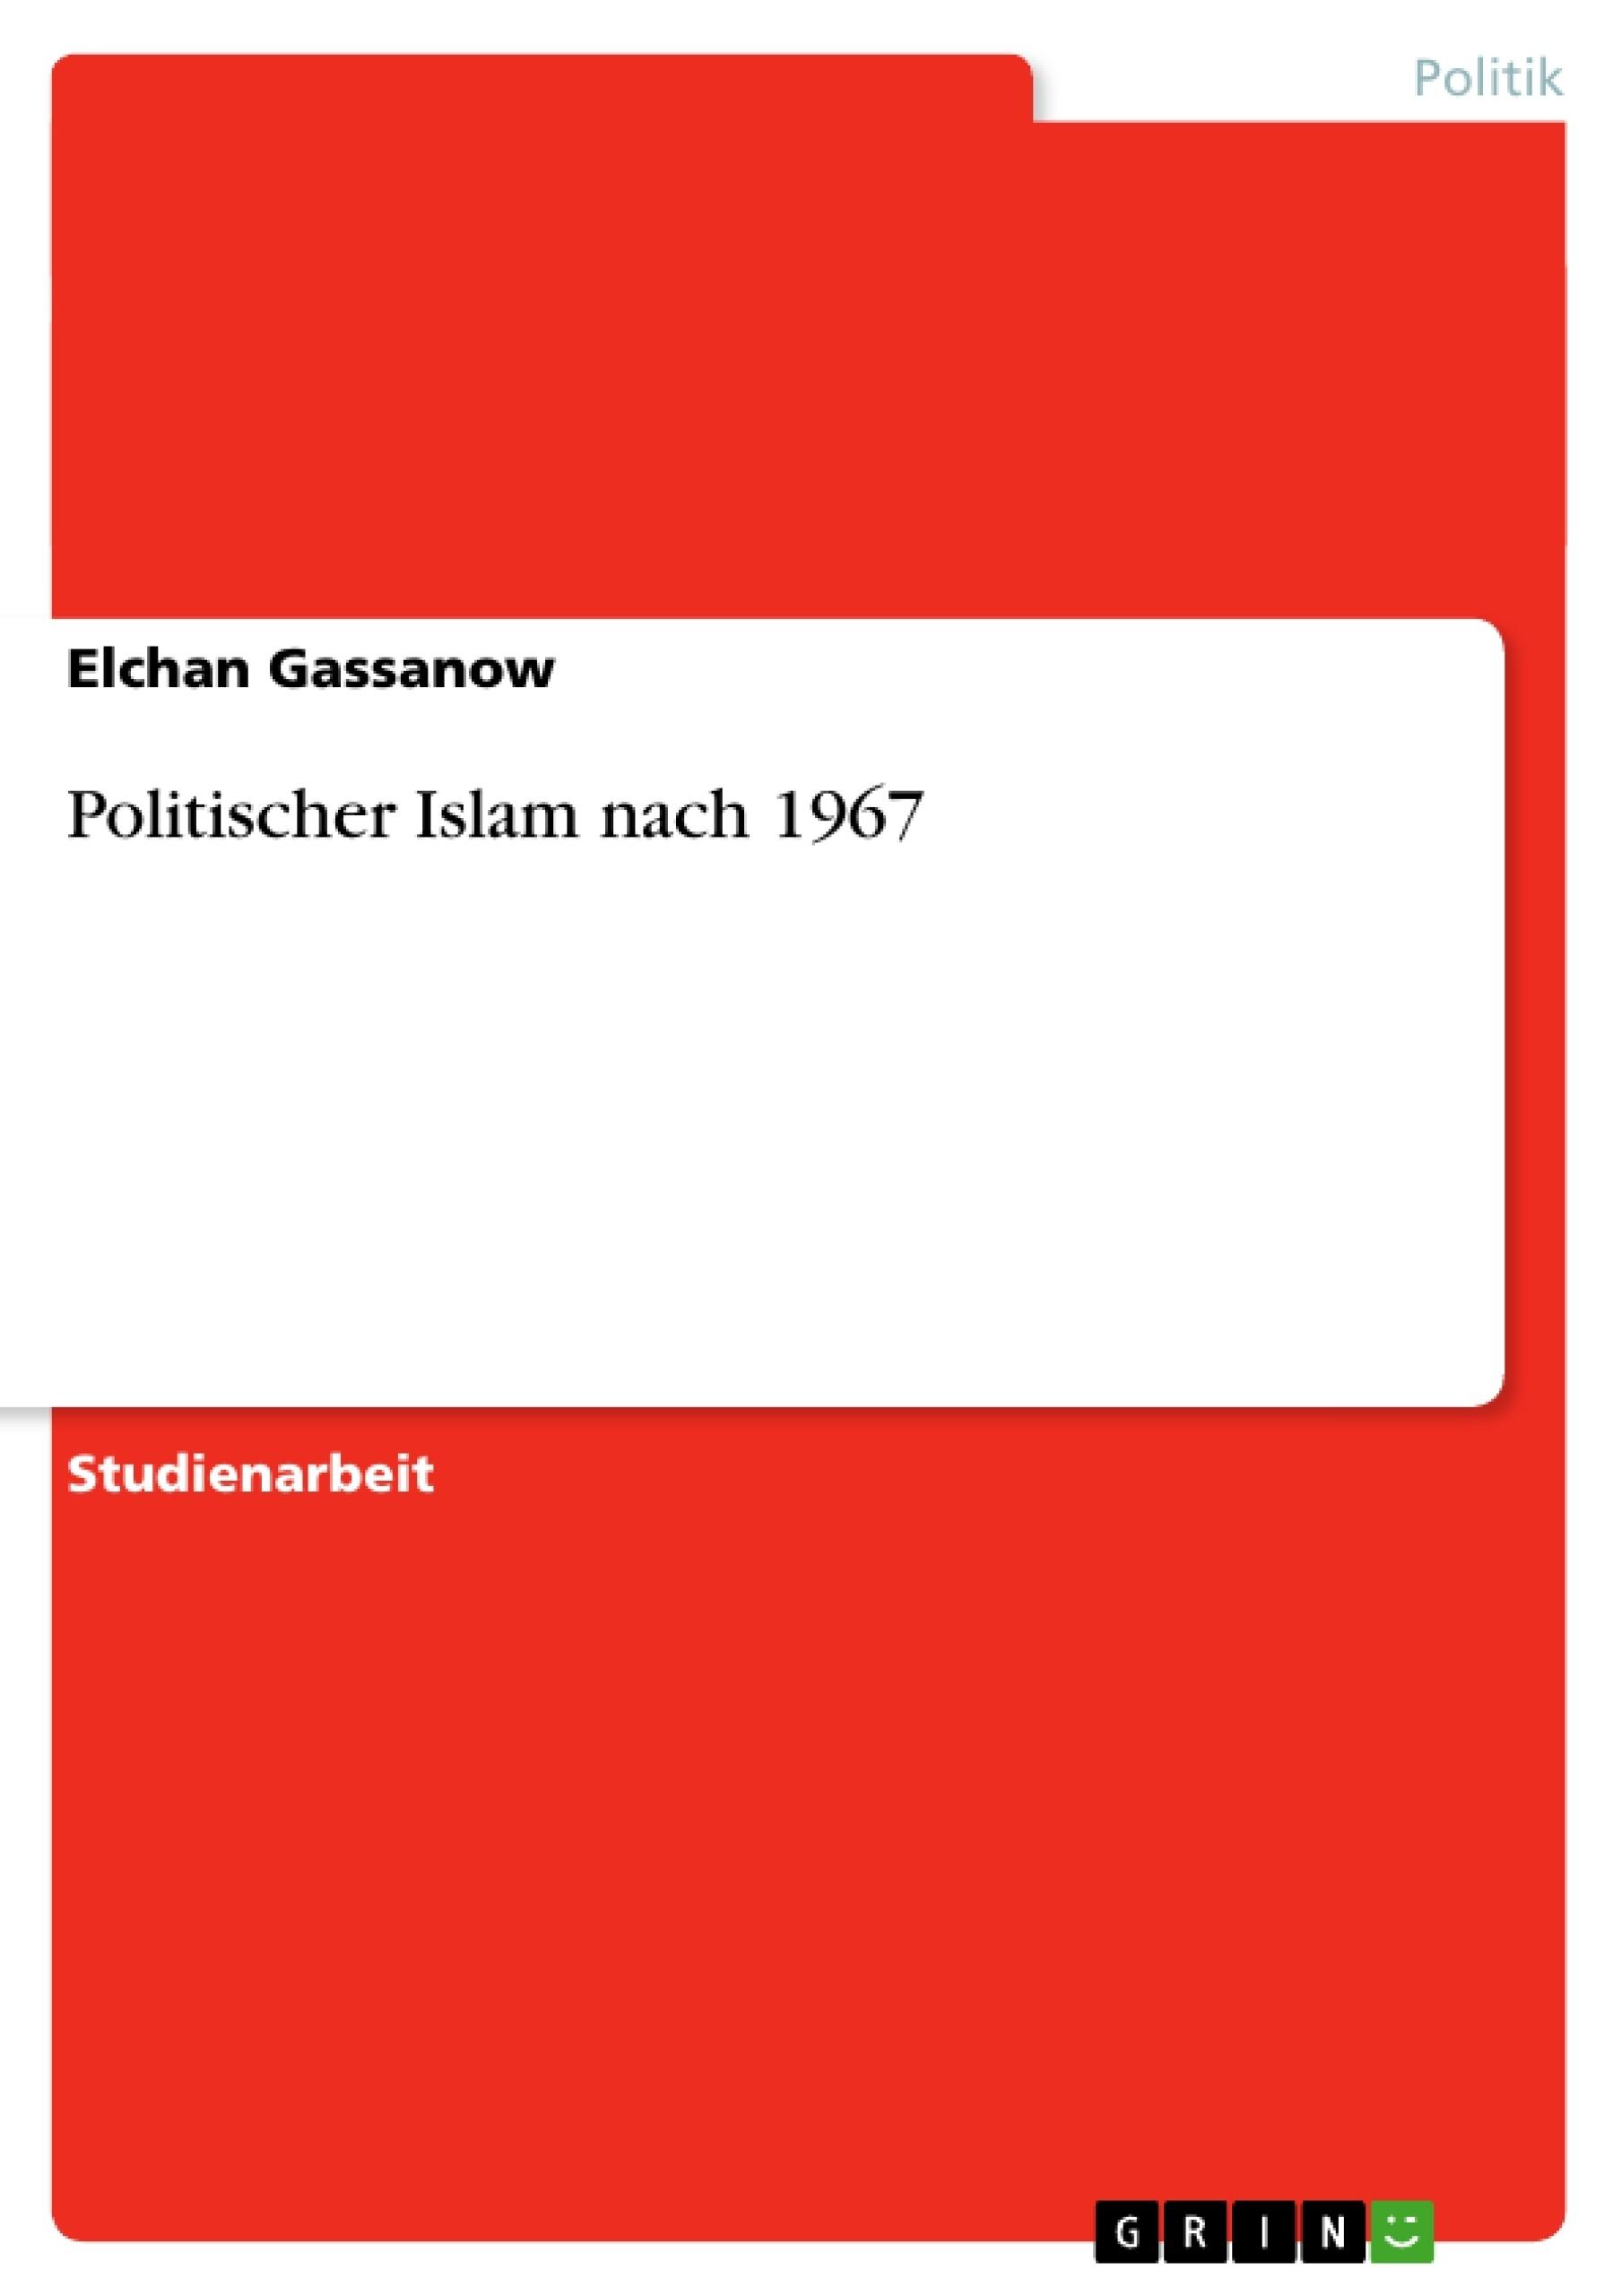 Titel: Politischer Islam nach 1967